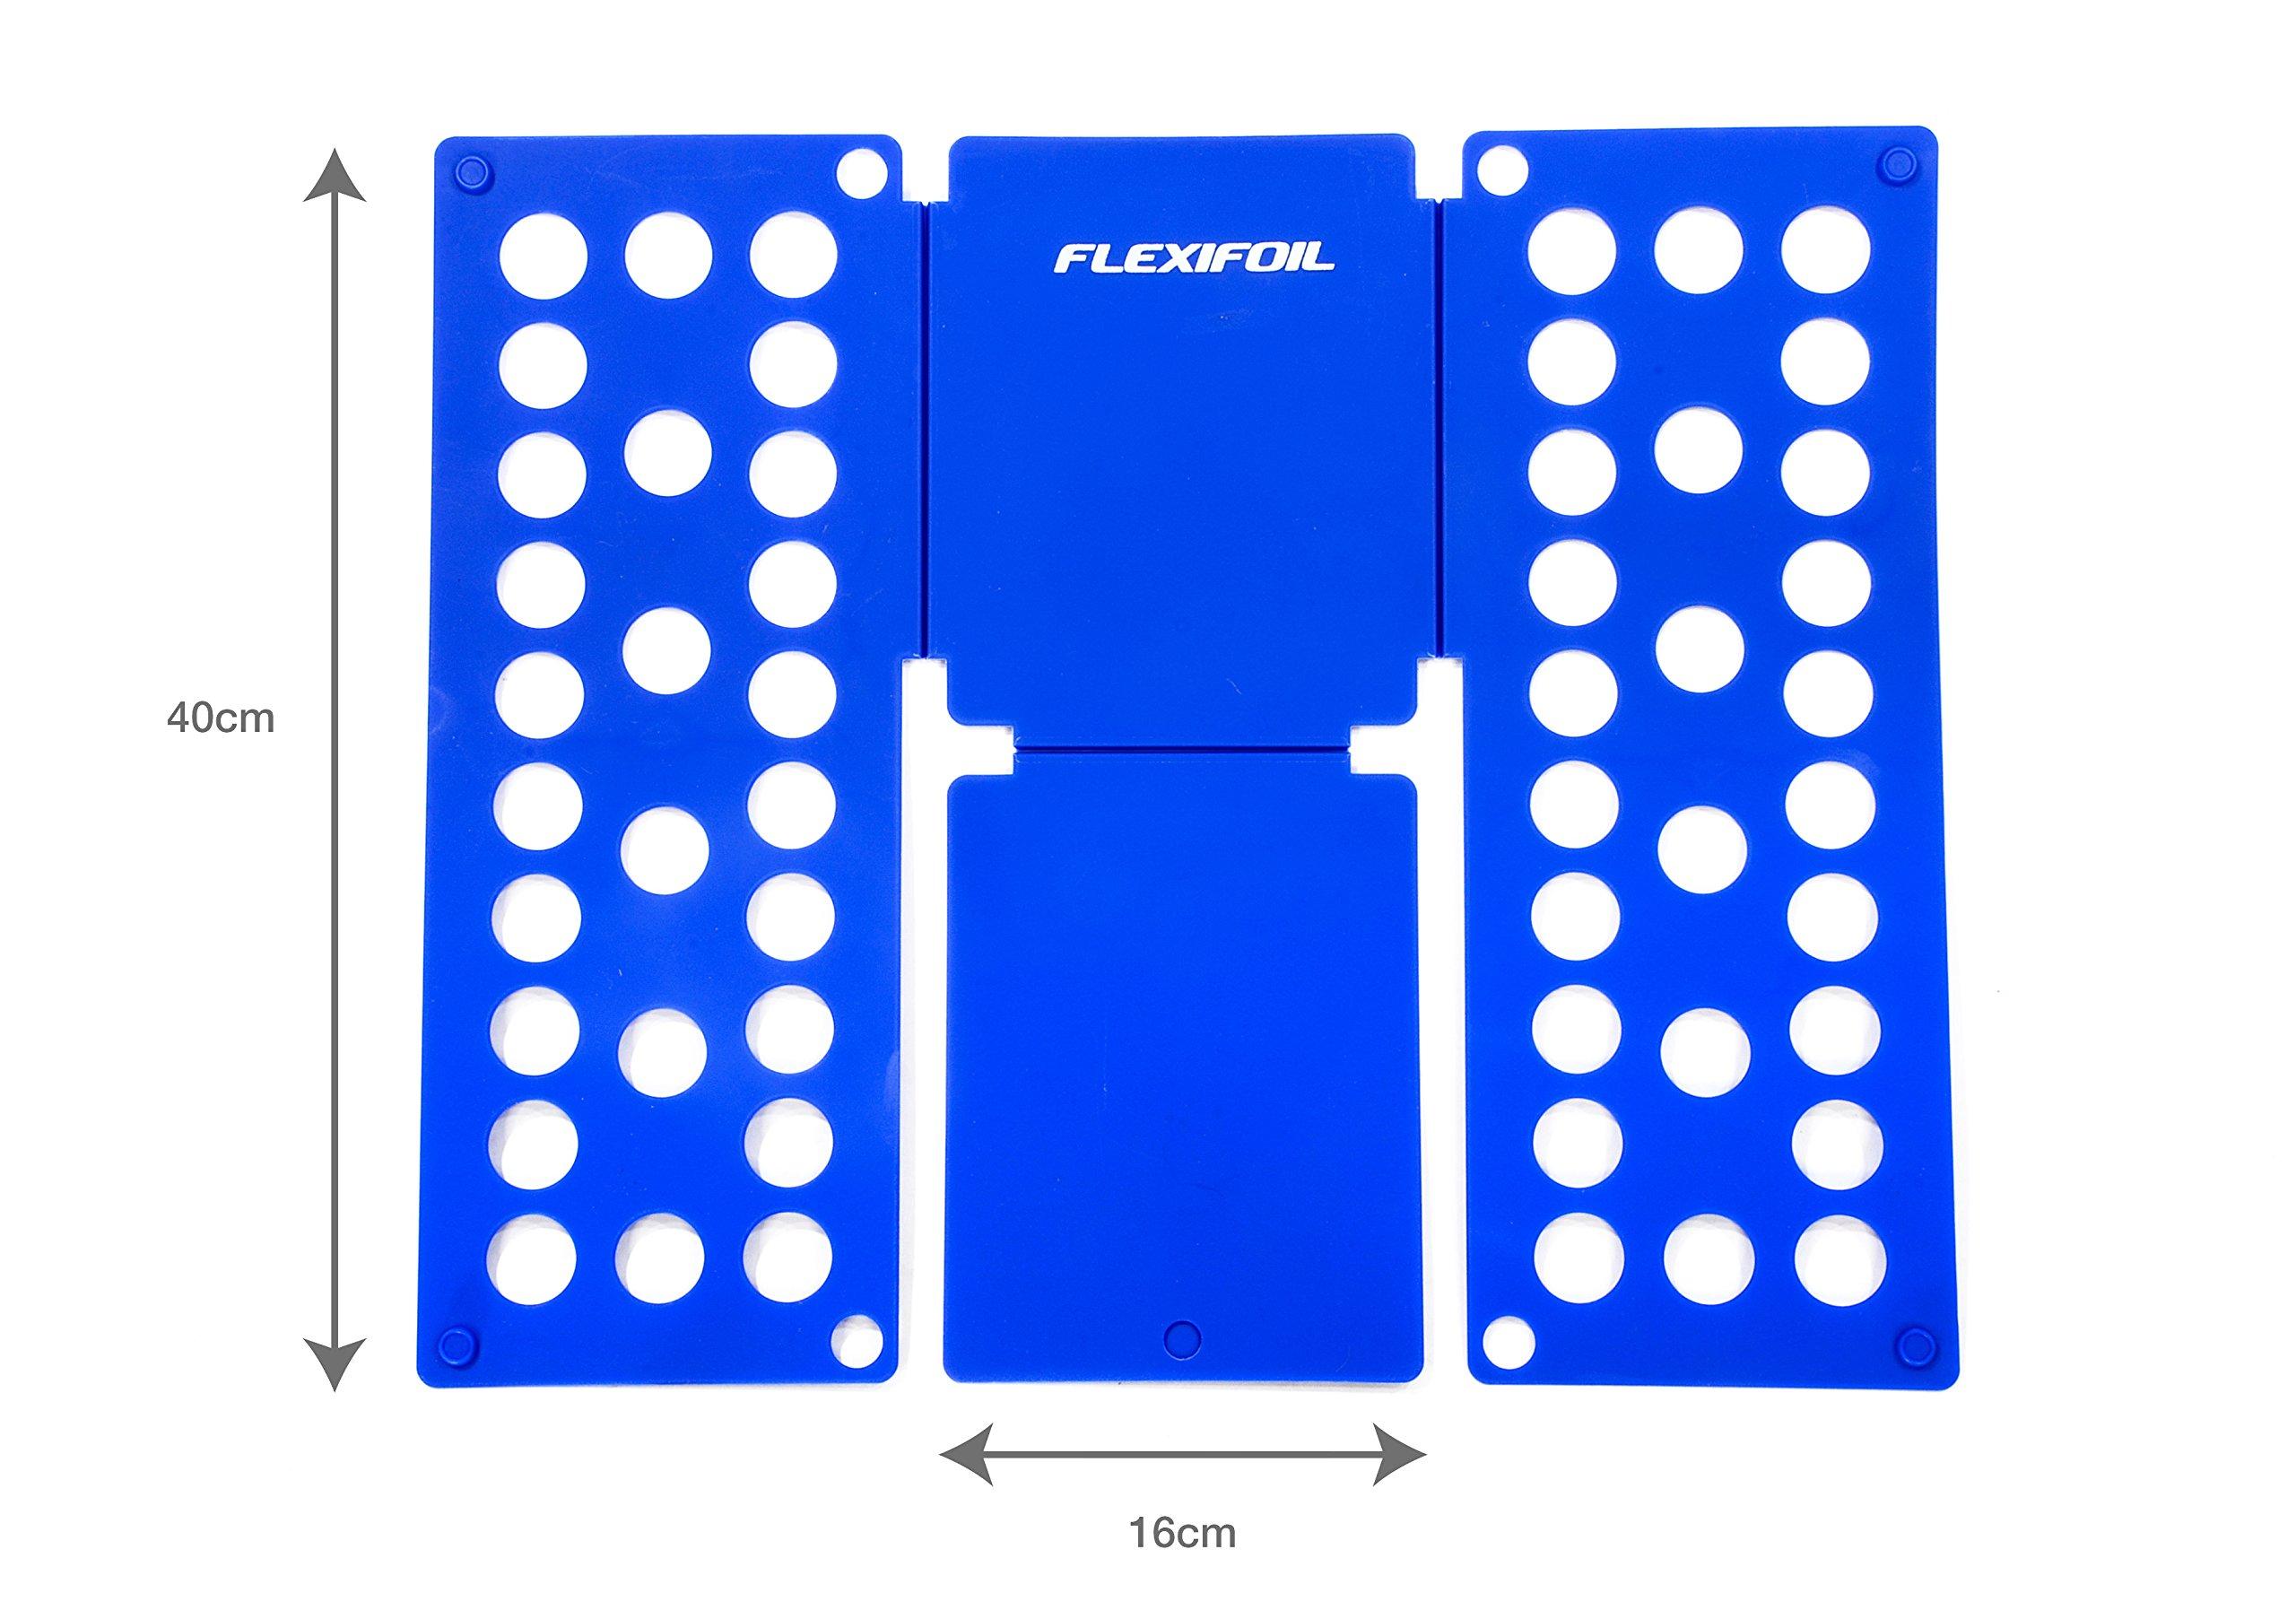 Flexifoil Miracle Fold – Doblador de Ropa de Adultos Super Rápido, de Aspecto Profesional en Segundos. Ideal Para Camisas, Camisetas, Pantalones Y De Lavandería (Tamaño 40 cm): Amazon.es: Hogar